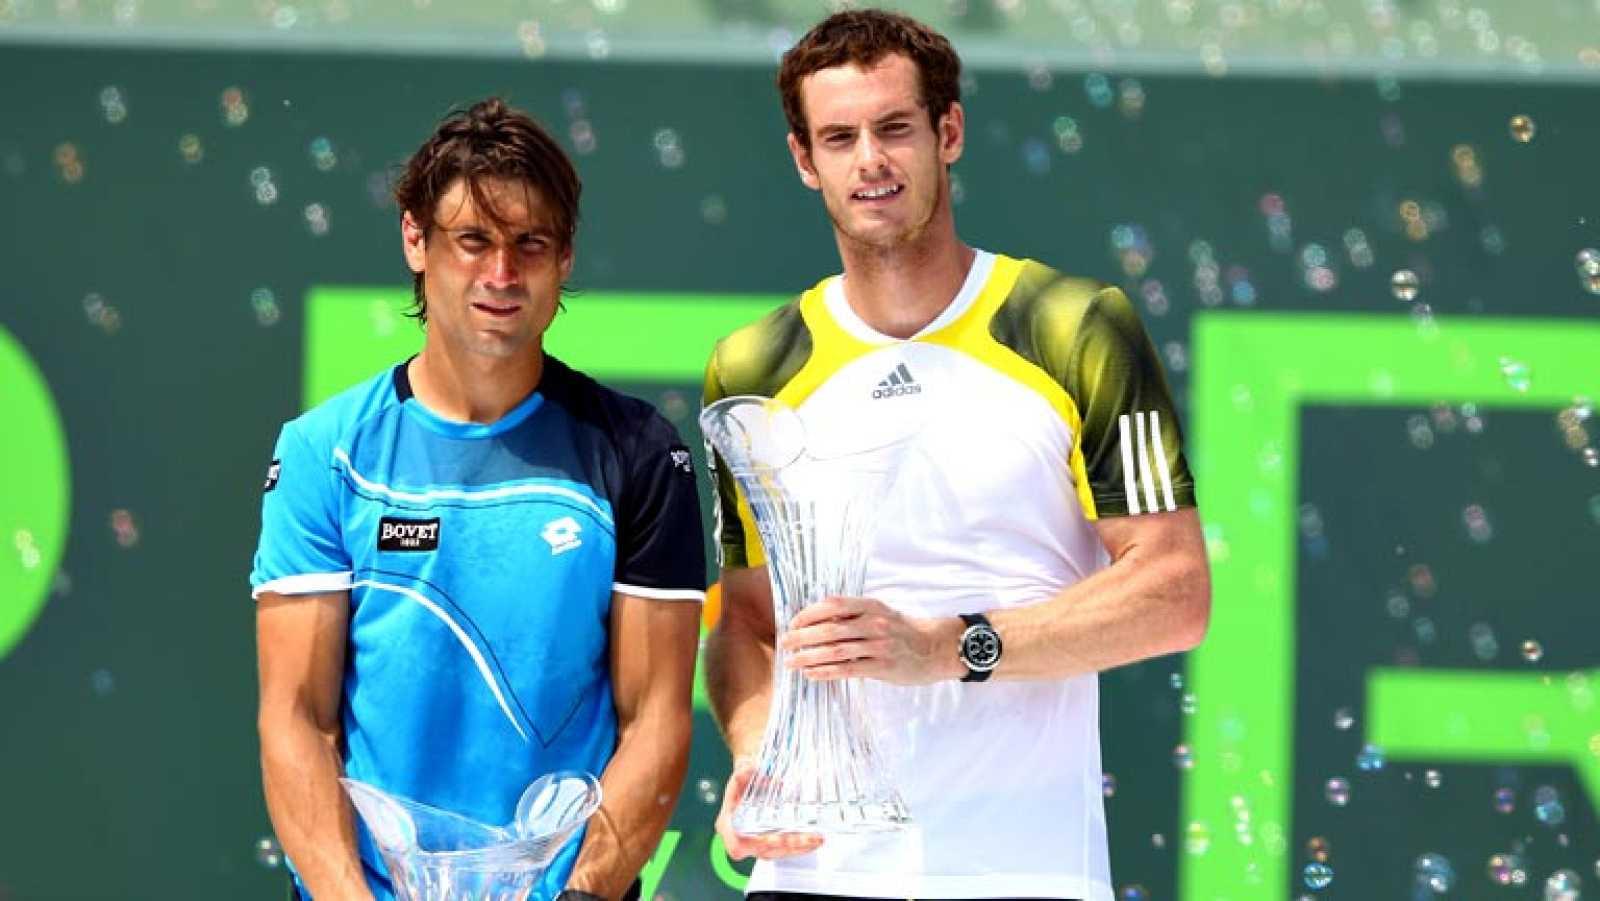 El británico Andy Murray salvó un punto de partido y se hizo por segunda vez con título en el Masters 1000 de Miami al vencer hoy en la final al español David Ferrer por 2-6, 6-4 y 7-6 (1), victoria que le proporcionará aparecer mañana lunes como seg